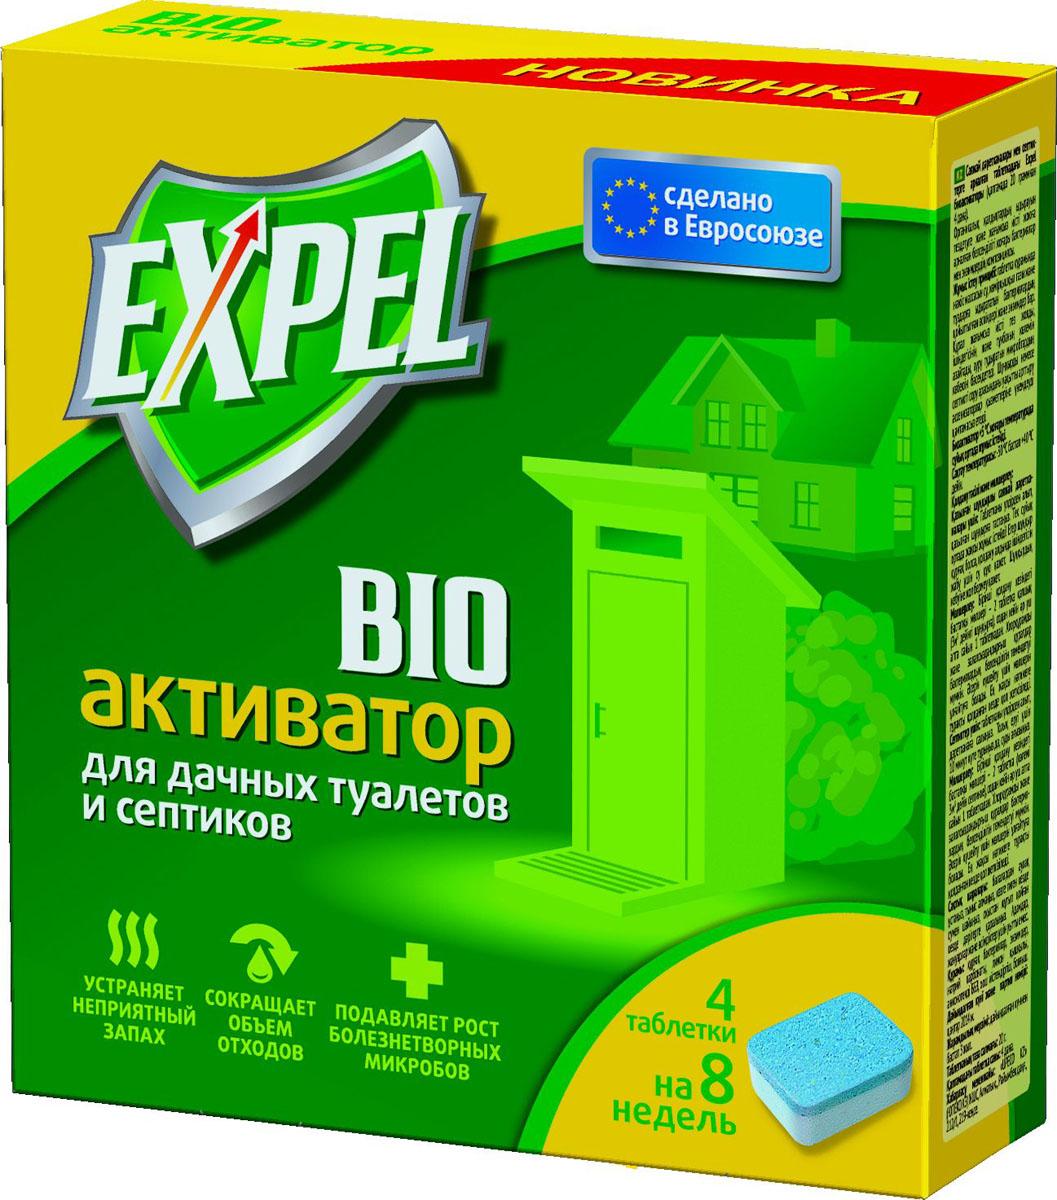 Биоактиватор BioExpert